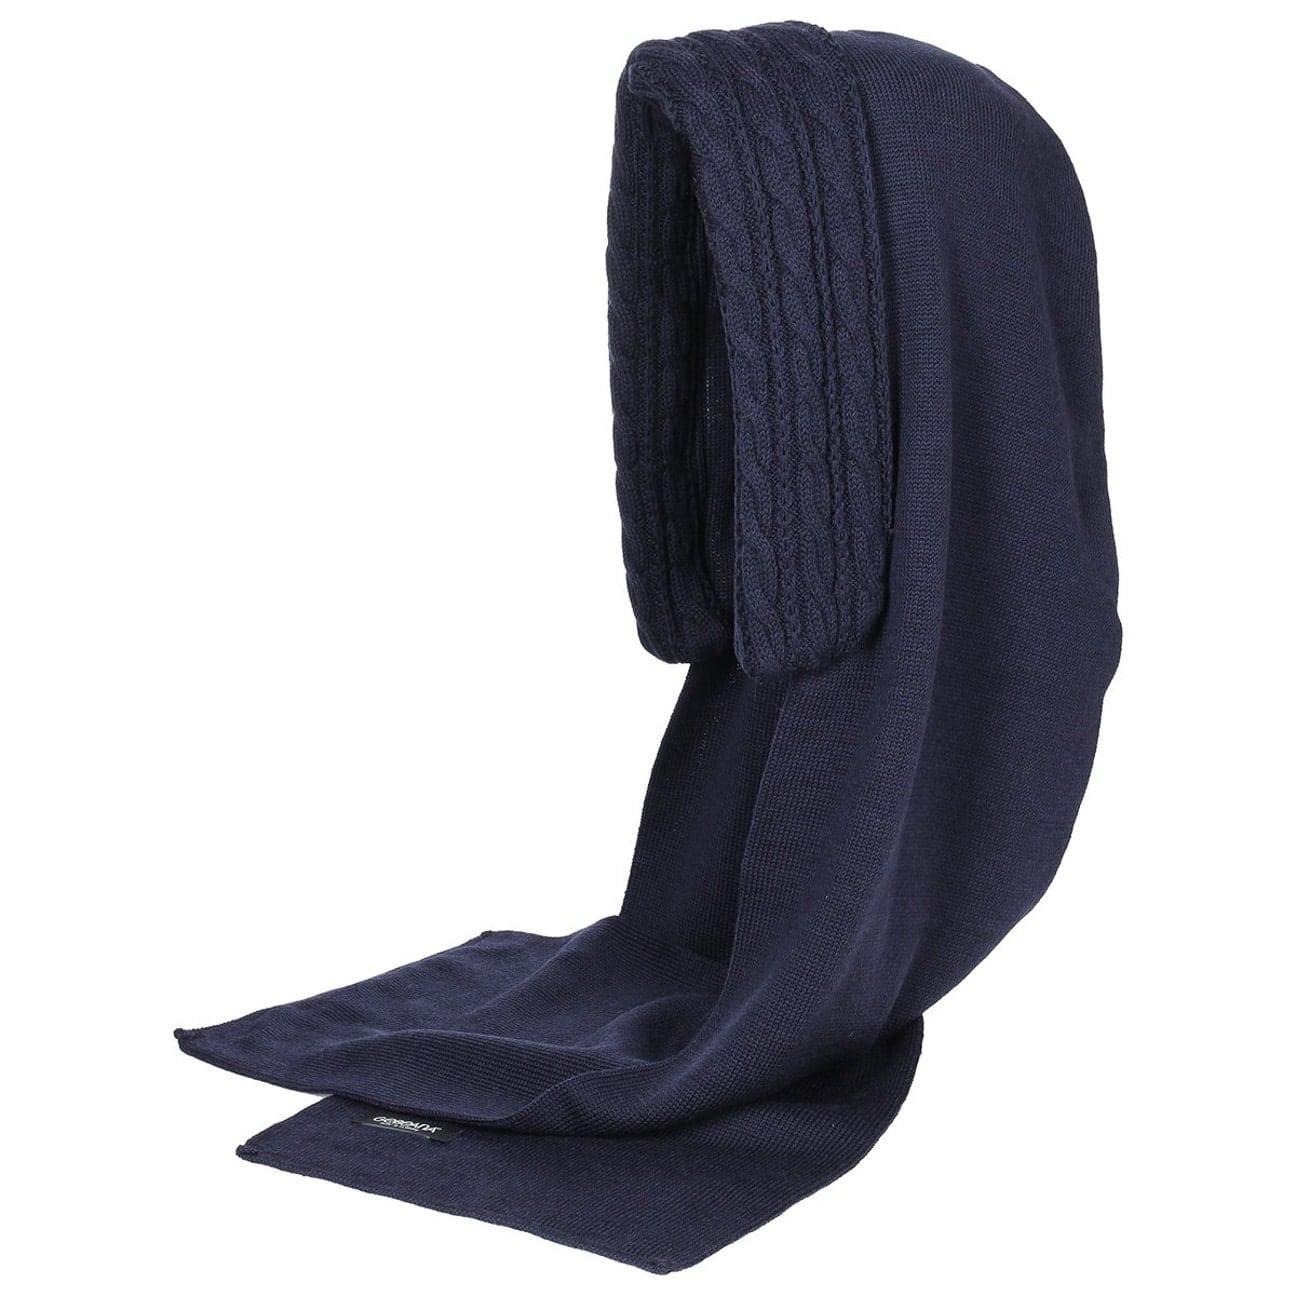 Bufanda con Gorro Cable Knit by Gebeana  bufanda de invierno